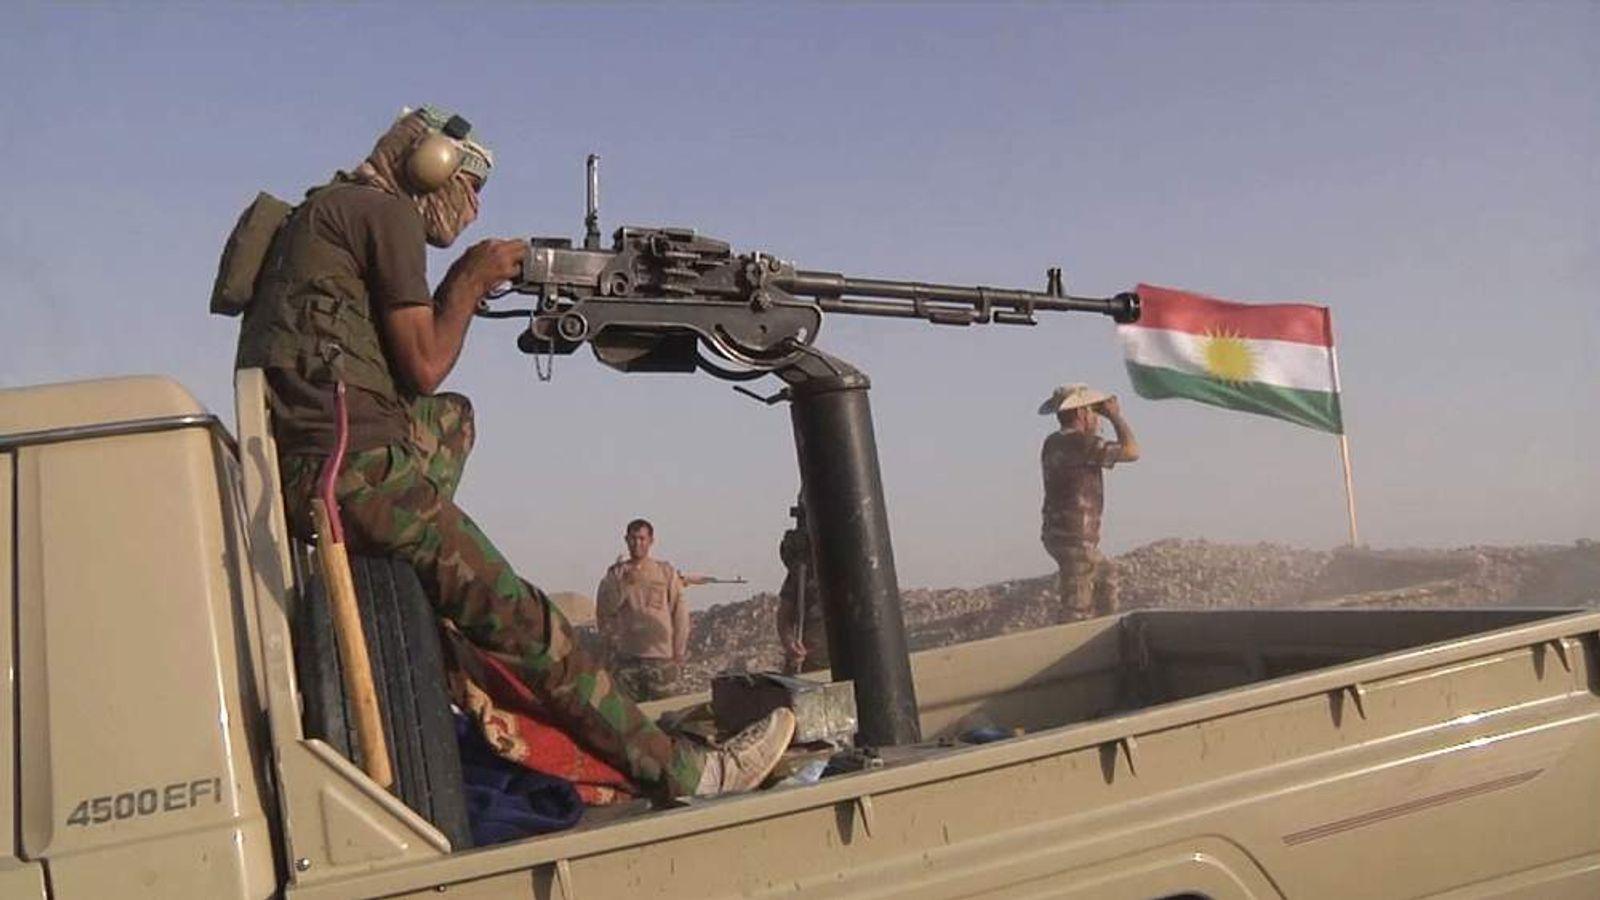 Kurdish Peshmerga forces in Iraq